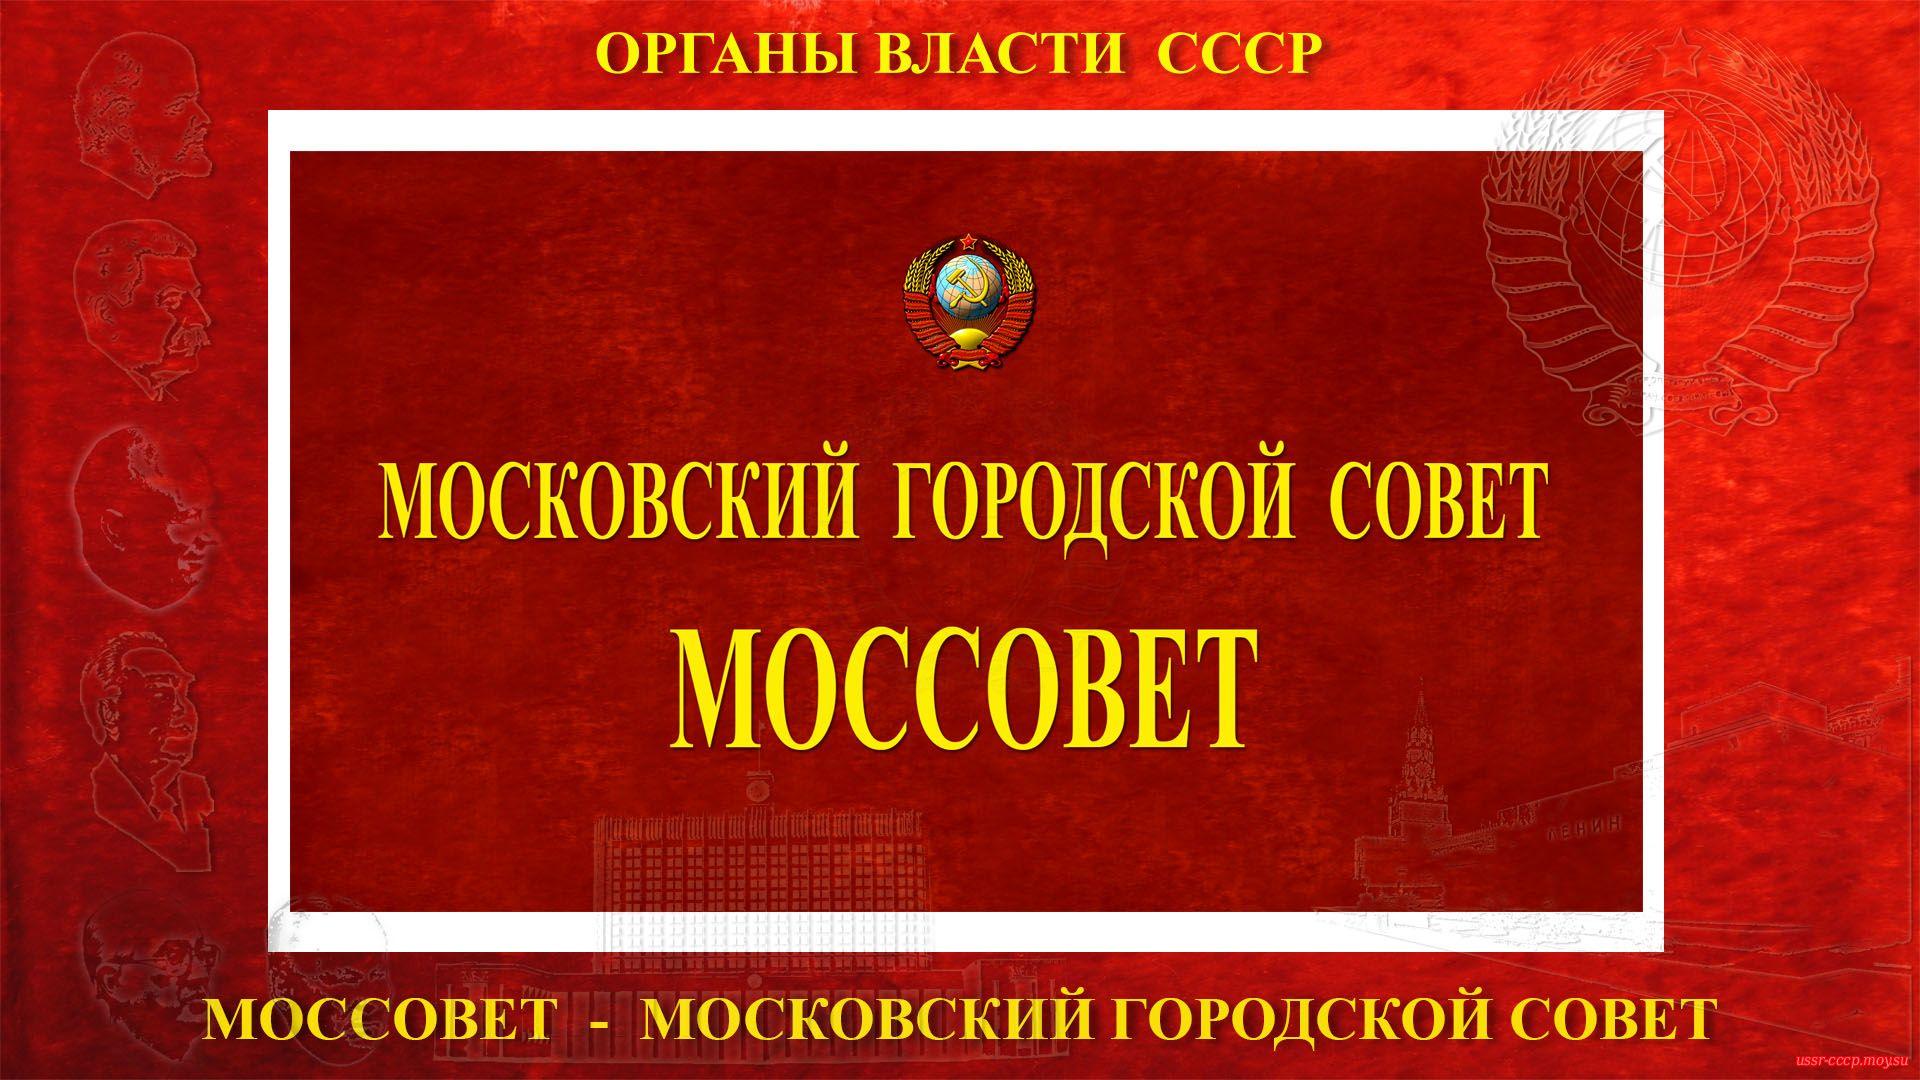 Моссовет — Московский городской совет